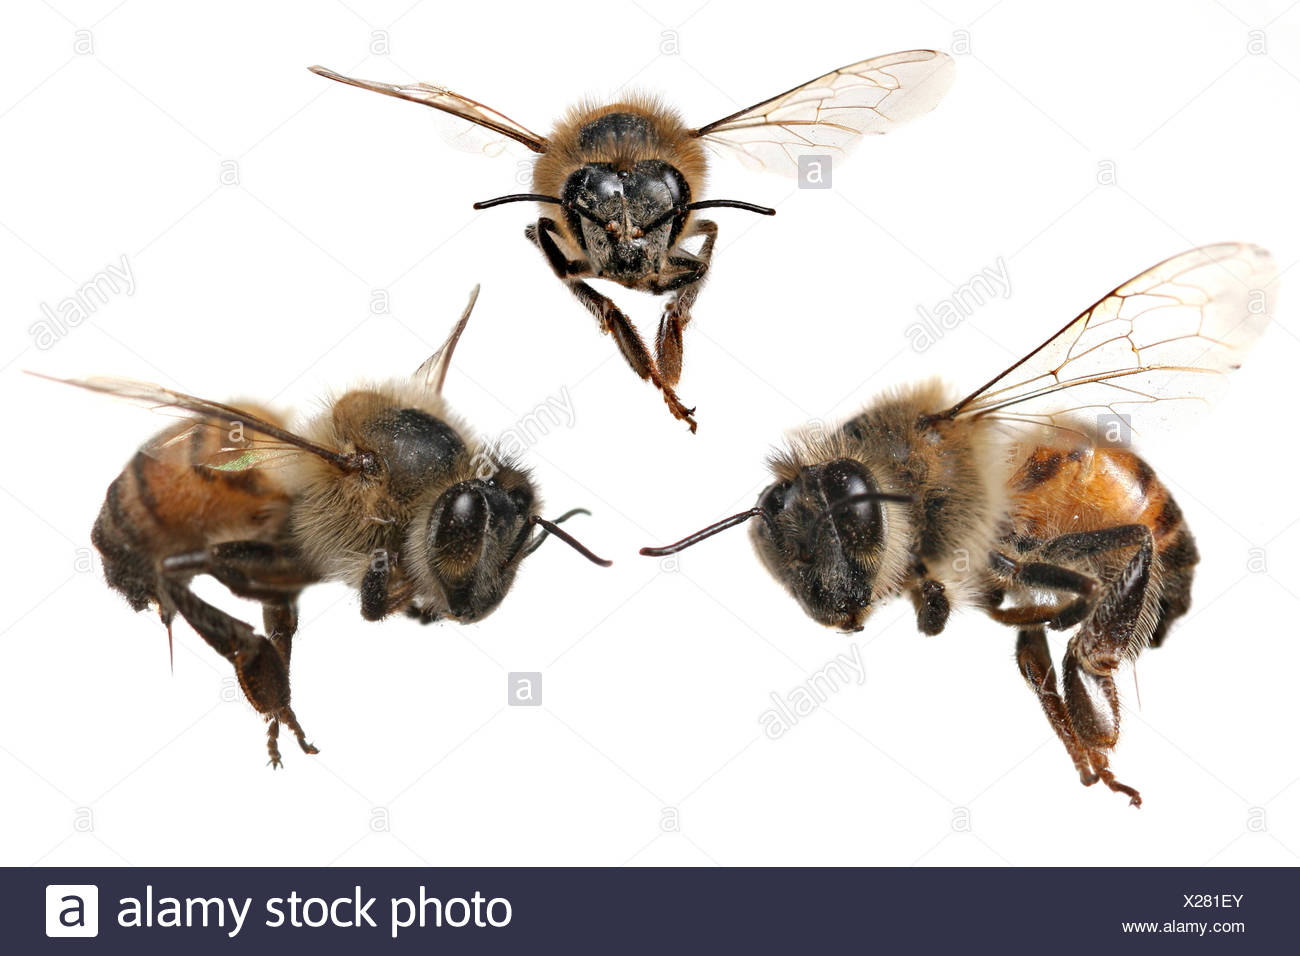 Ziemlich Honigbiene Anatomie Zeitgenössisch - Anatomie Von ...